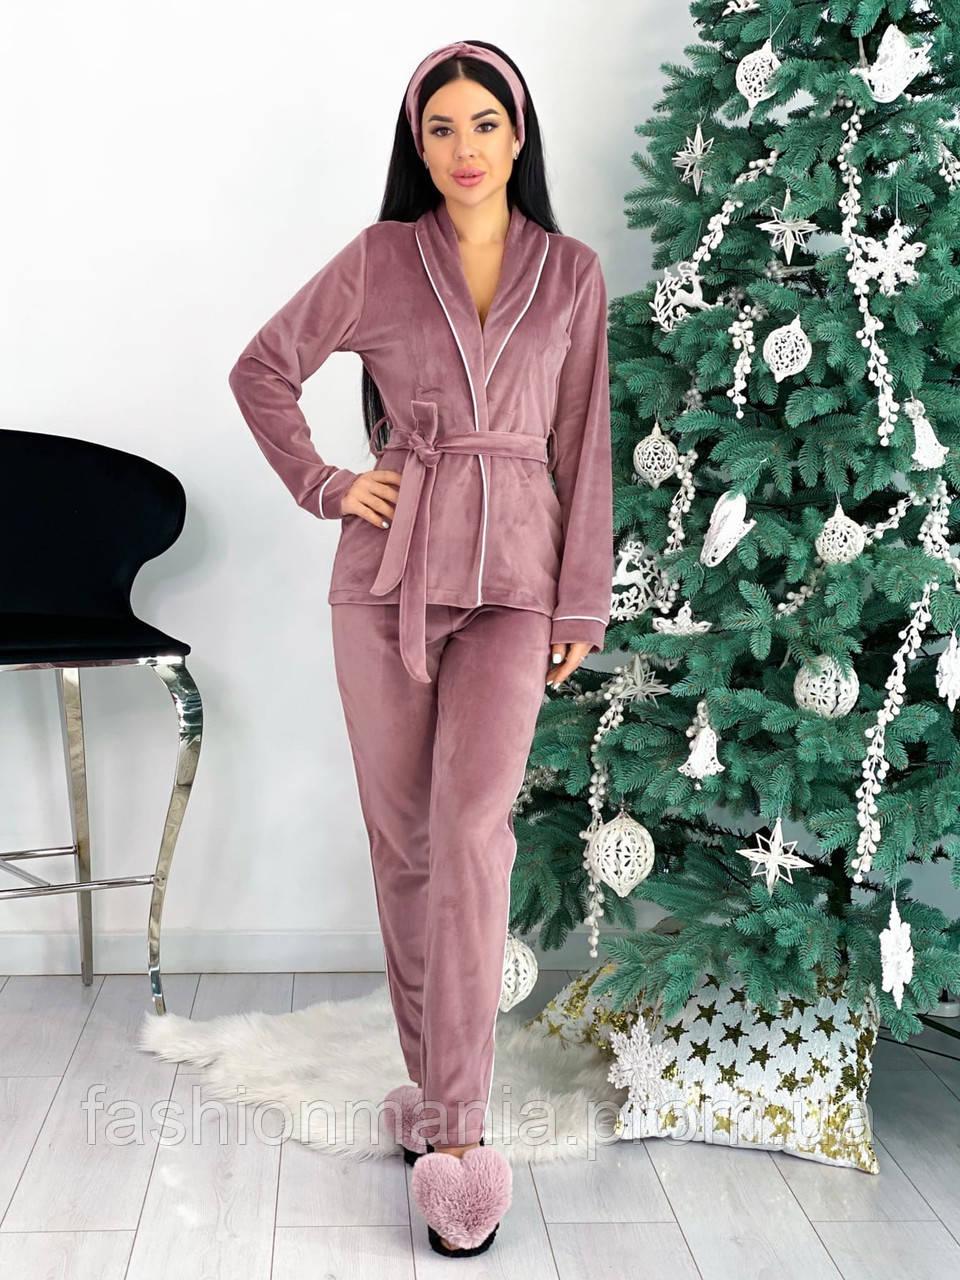 Костюм пижама женский с повязкой велюровый графит, пудра, бежевый, чёрный 42-44,46-48